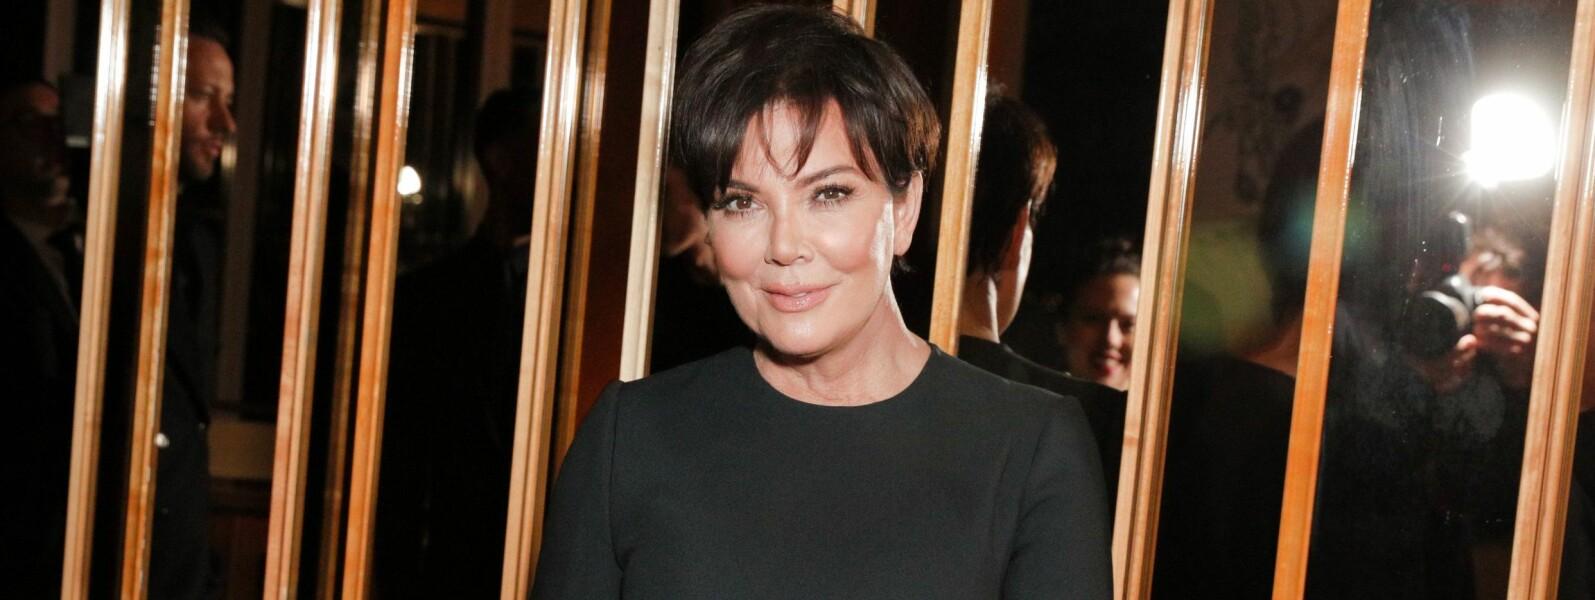 FARGET HÅRET: Har Kris Jenner farget håret, eller er det bare en bløff? FOTO: Scanpix